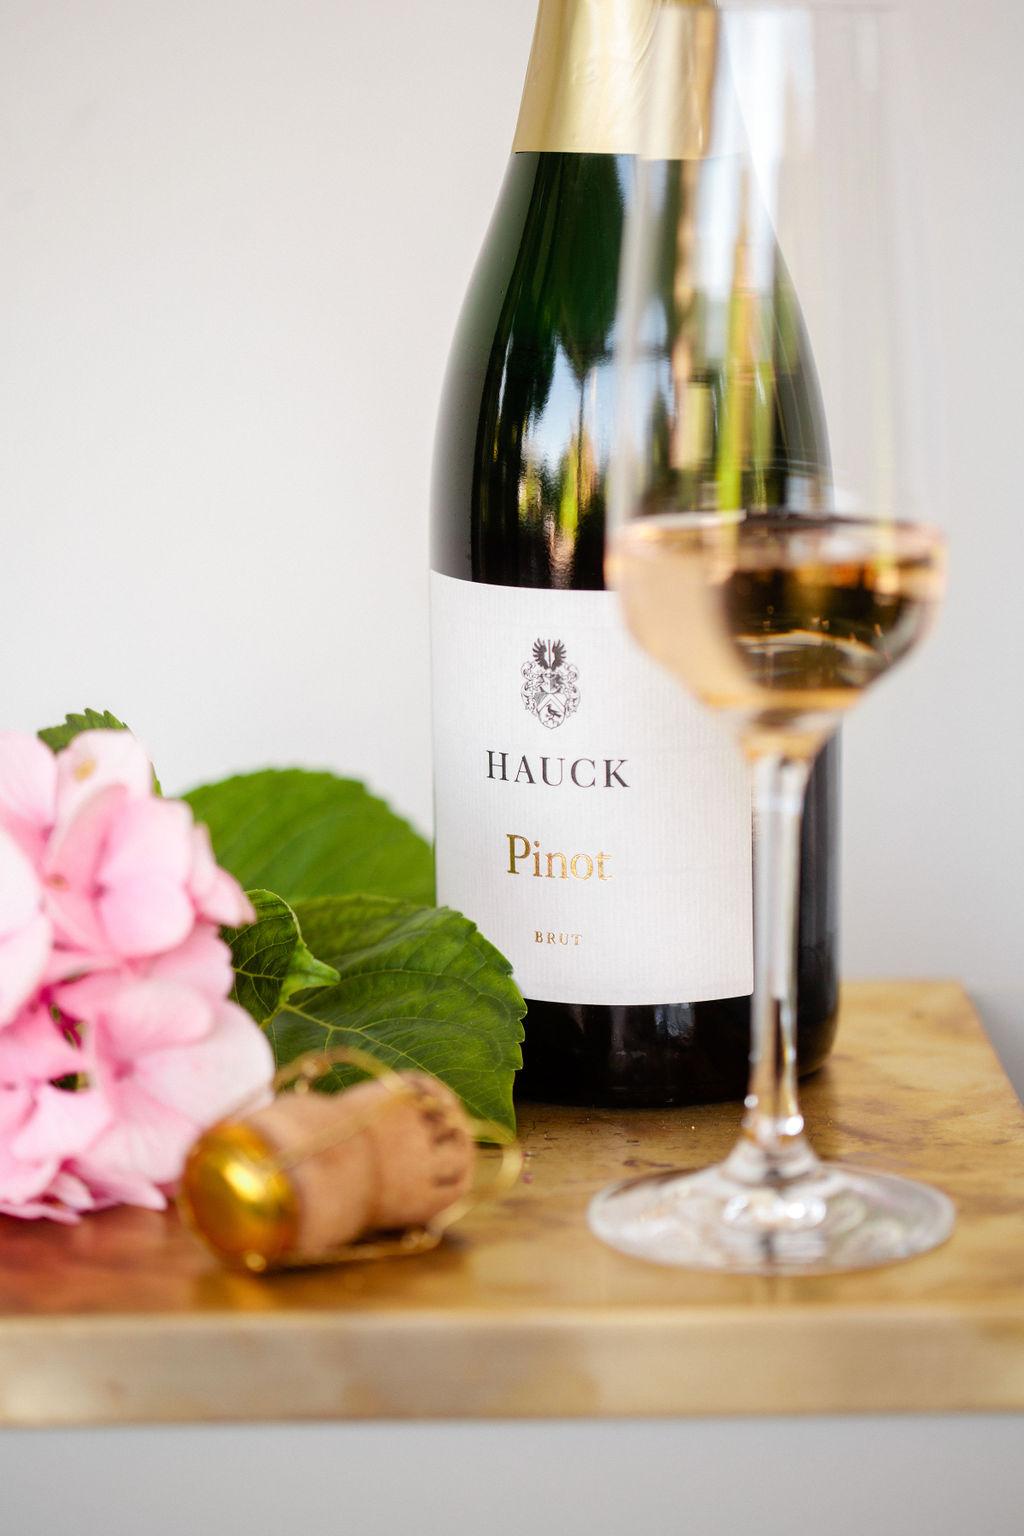 2019 Pinot brut